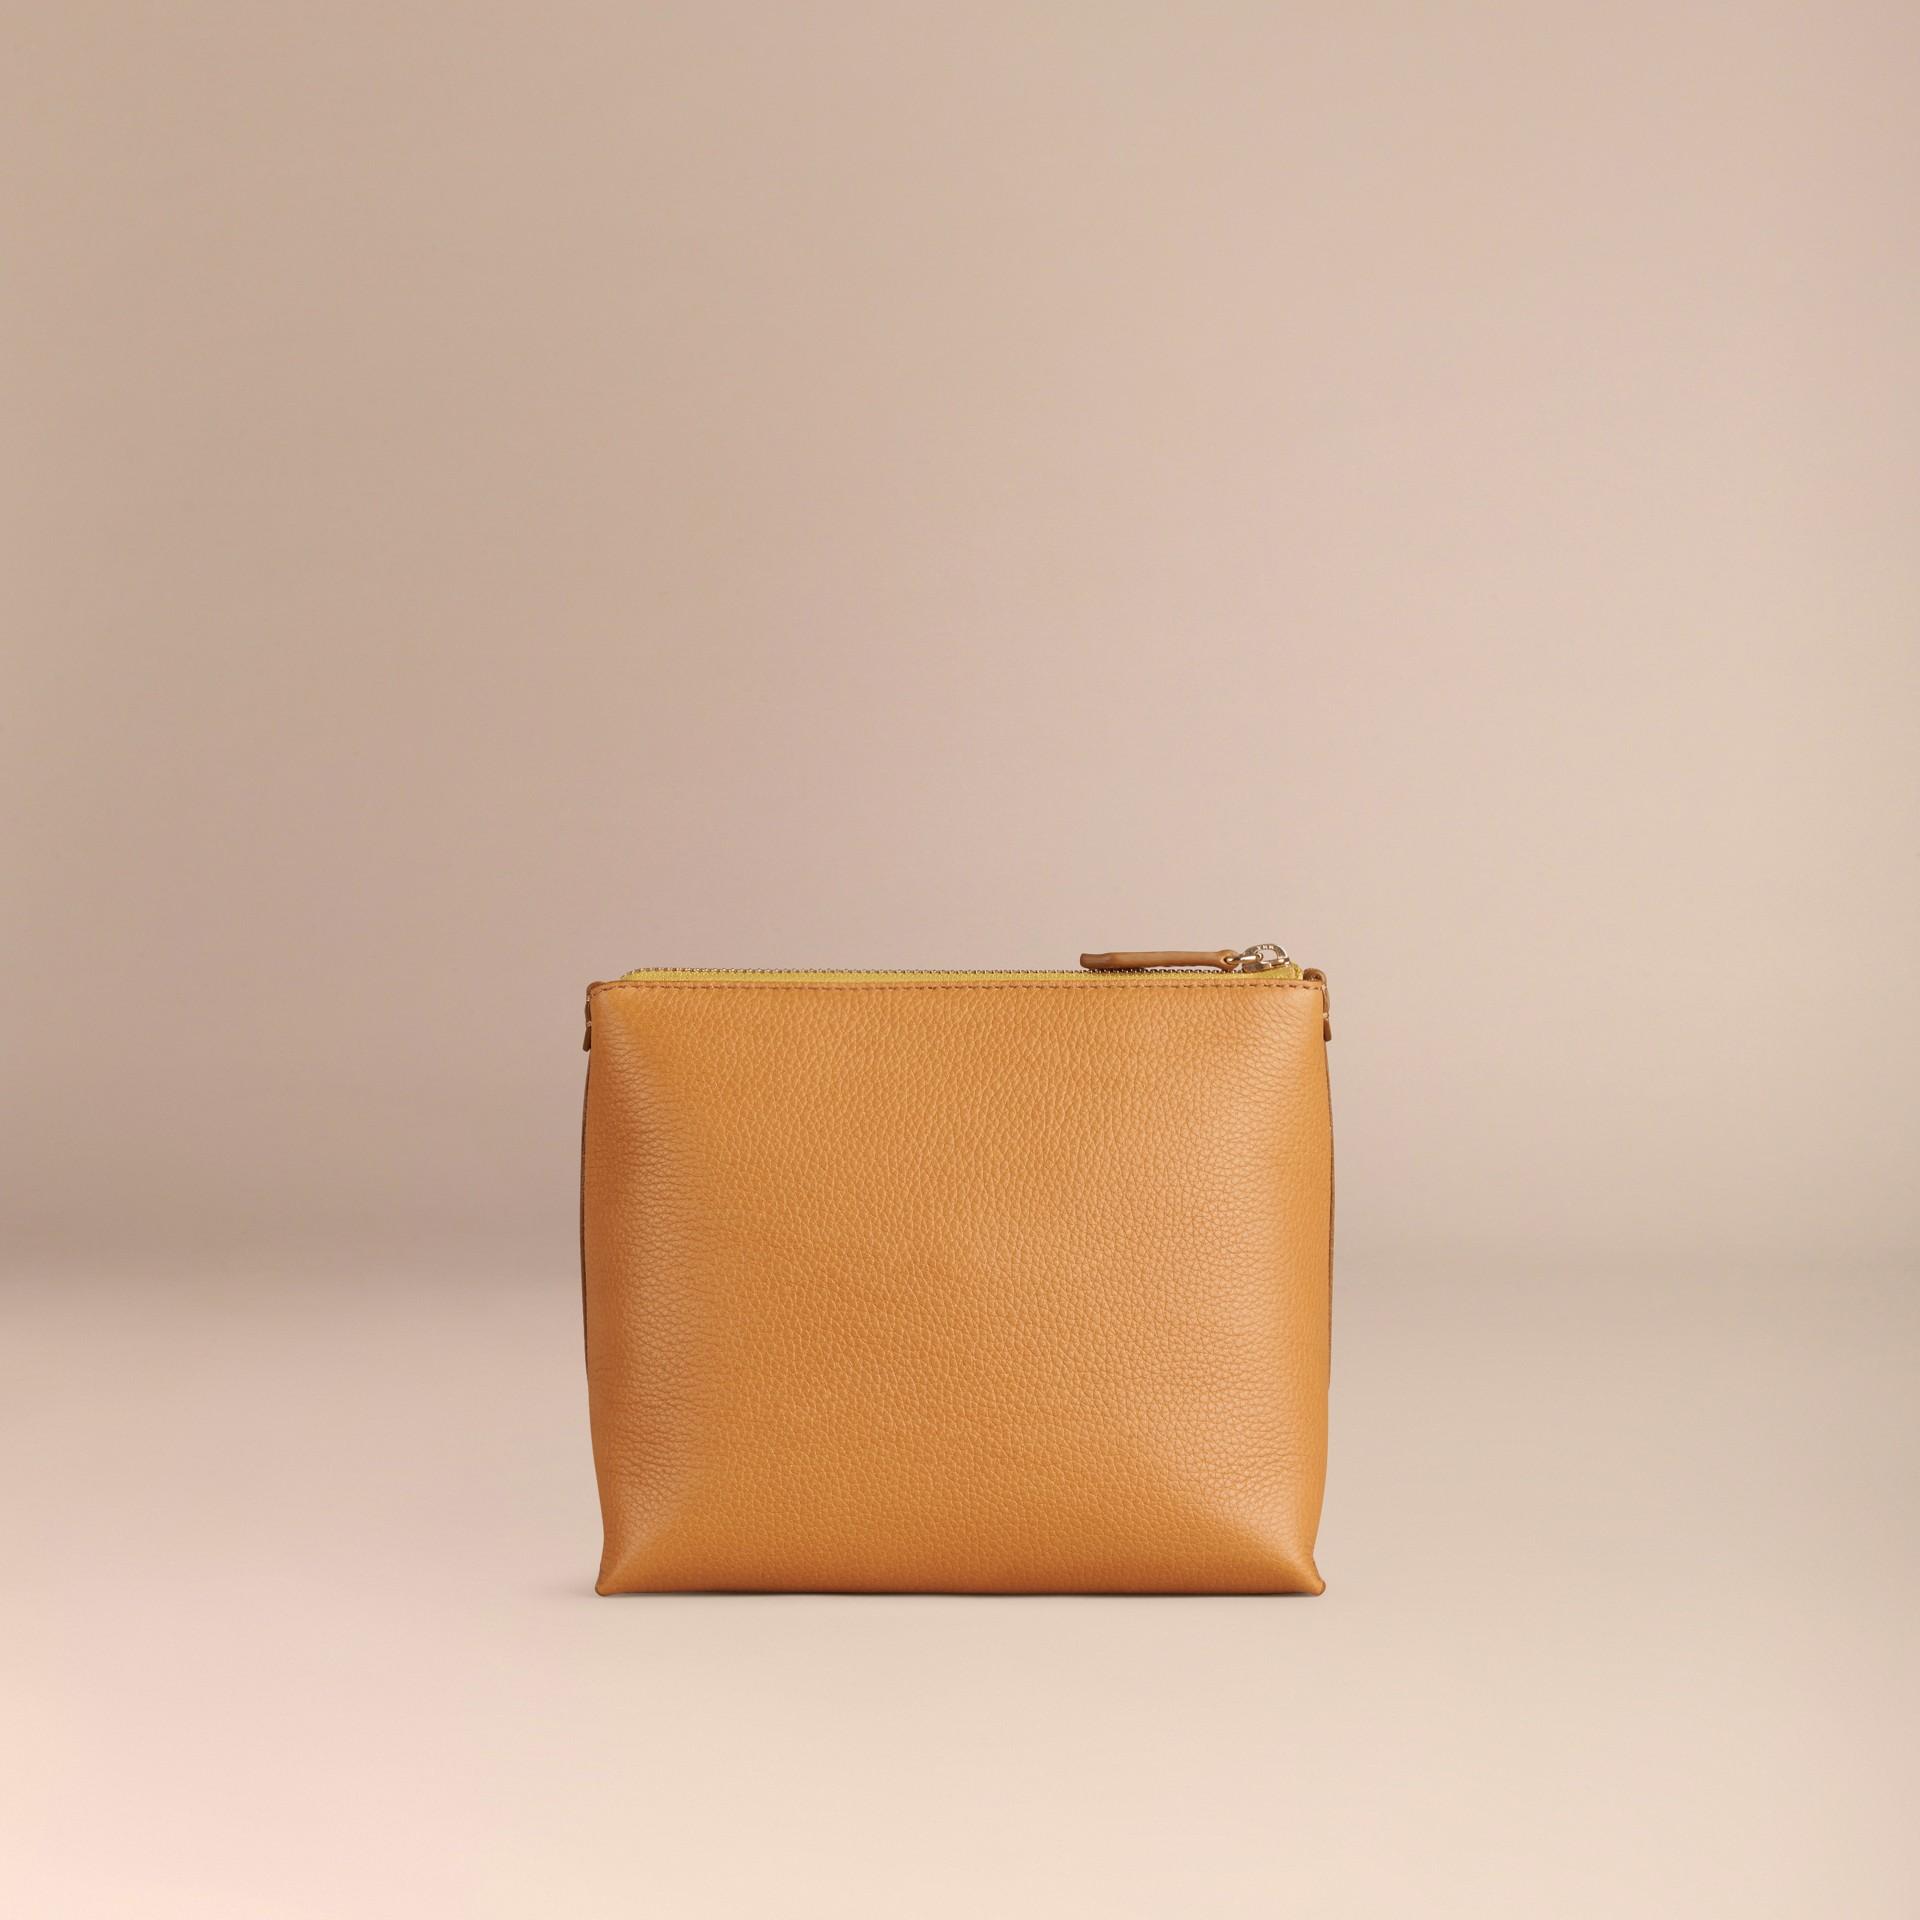 Jaune ocre Pochette zippée en cuir grainé Jaune Ocre - photo de la galerie 4